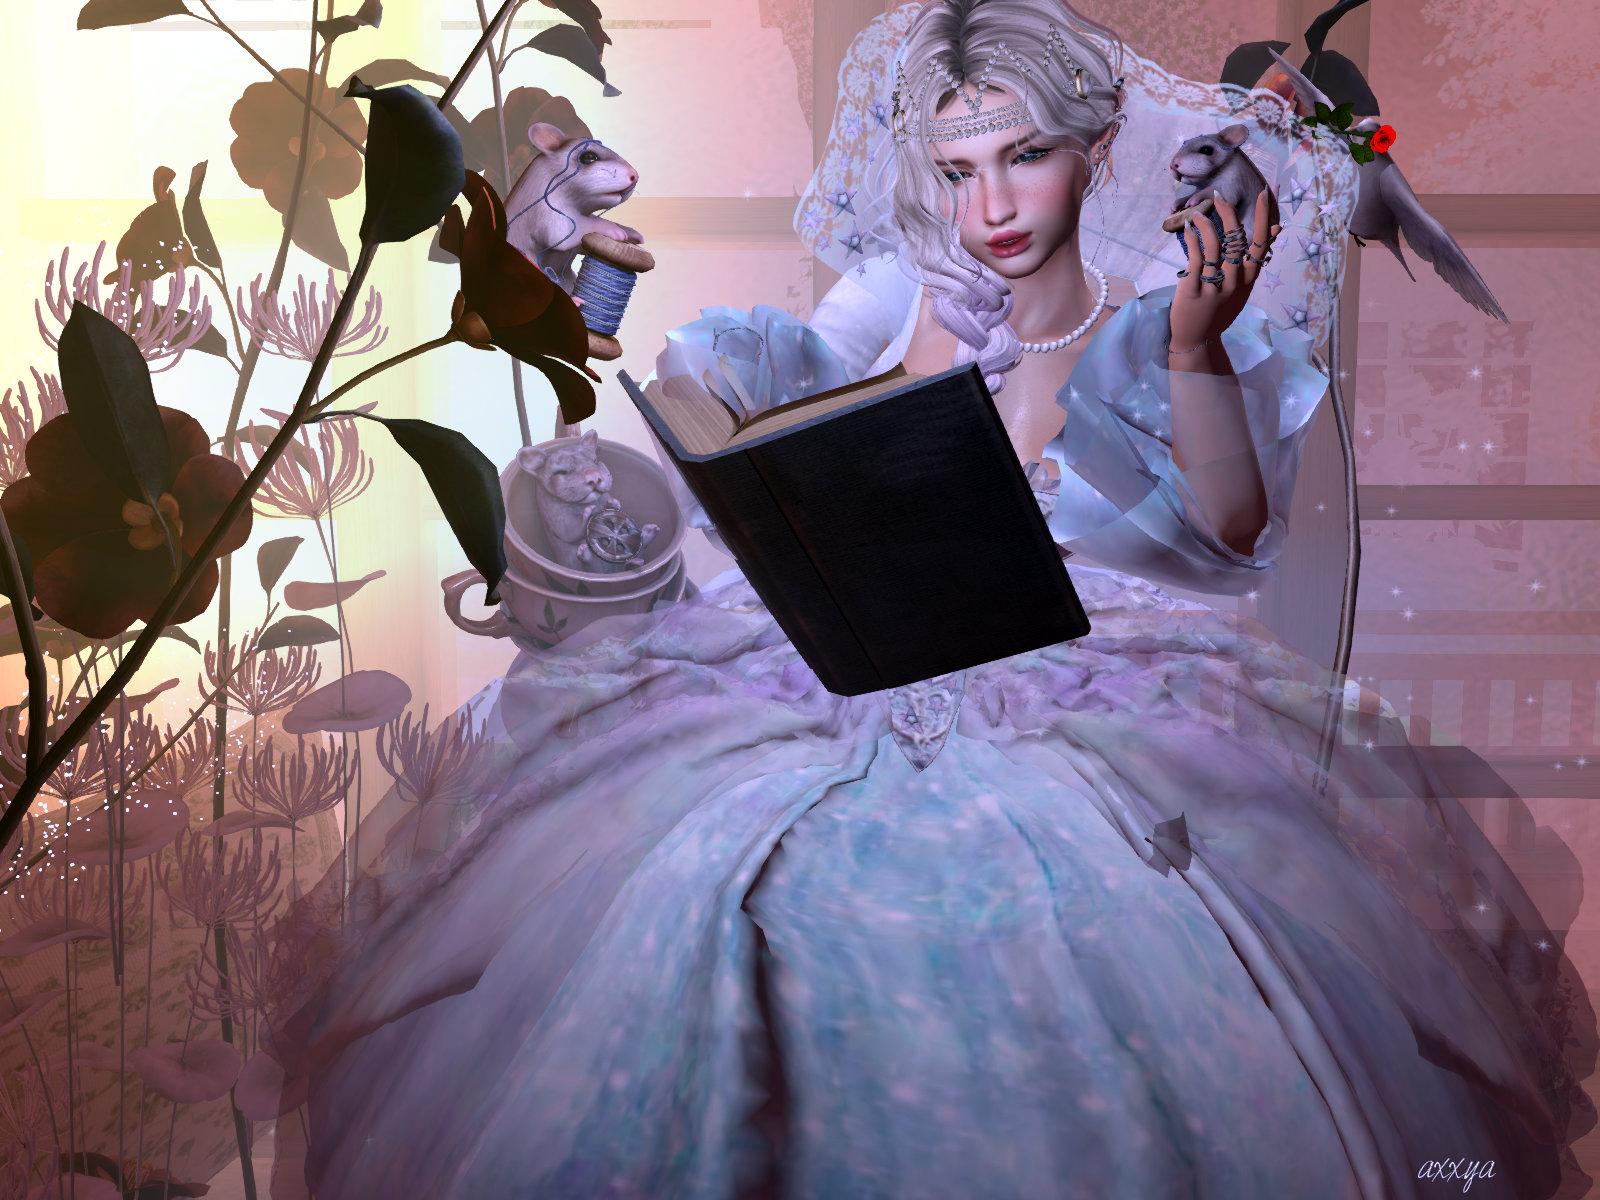 Fondos de pantalla : gente, Anime, fotografía, vestir, Luna, Moda ...